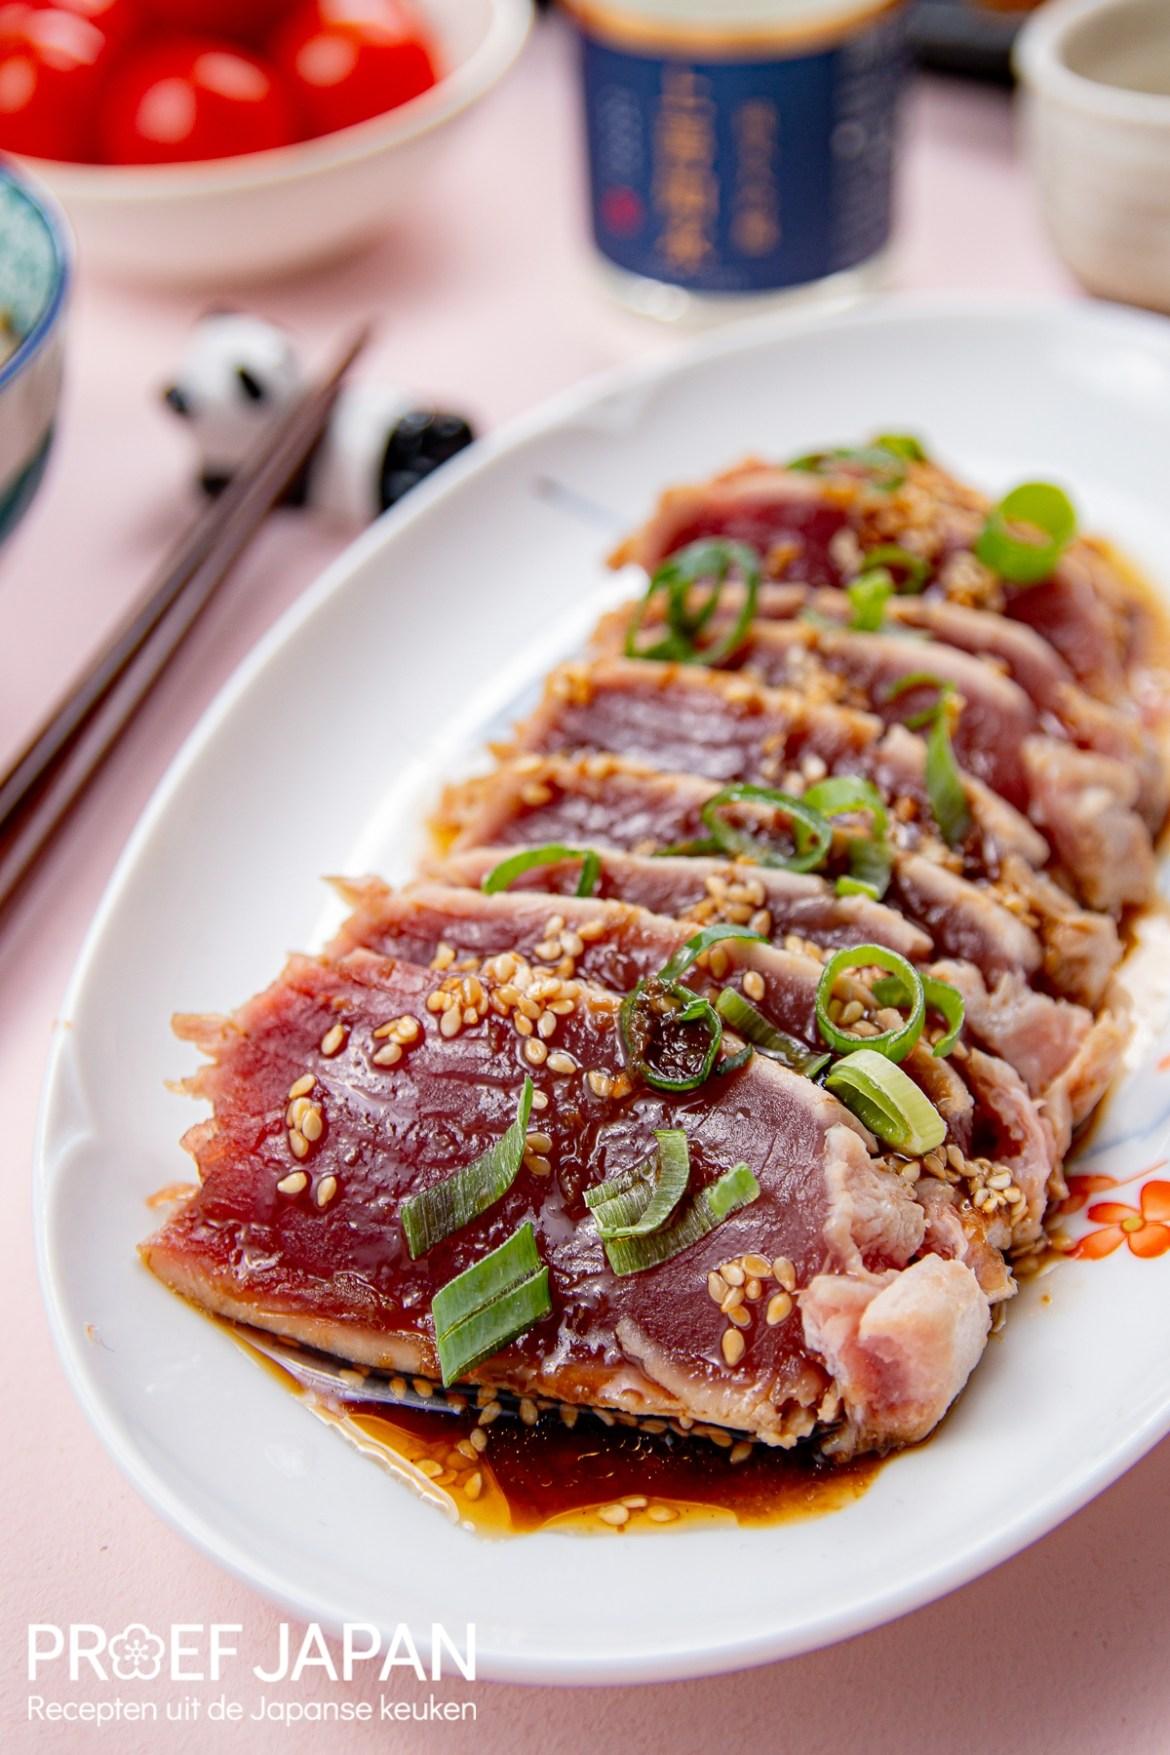 Proef Japan foto van Tonijn Tataki. Kort gebakken tonijn met een heerlijke saus.